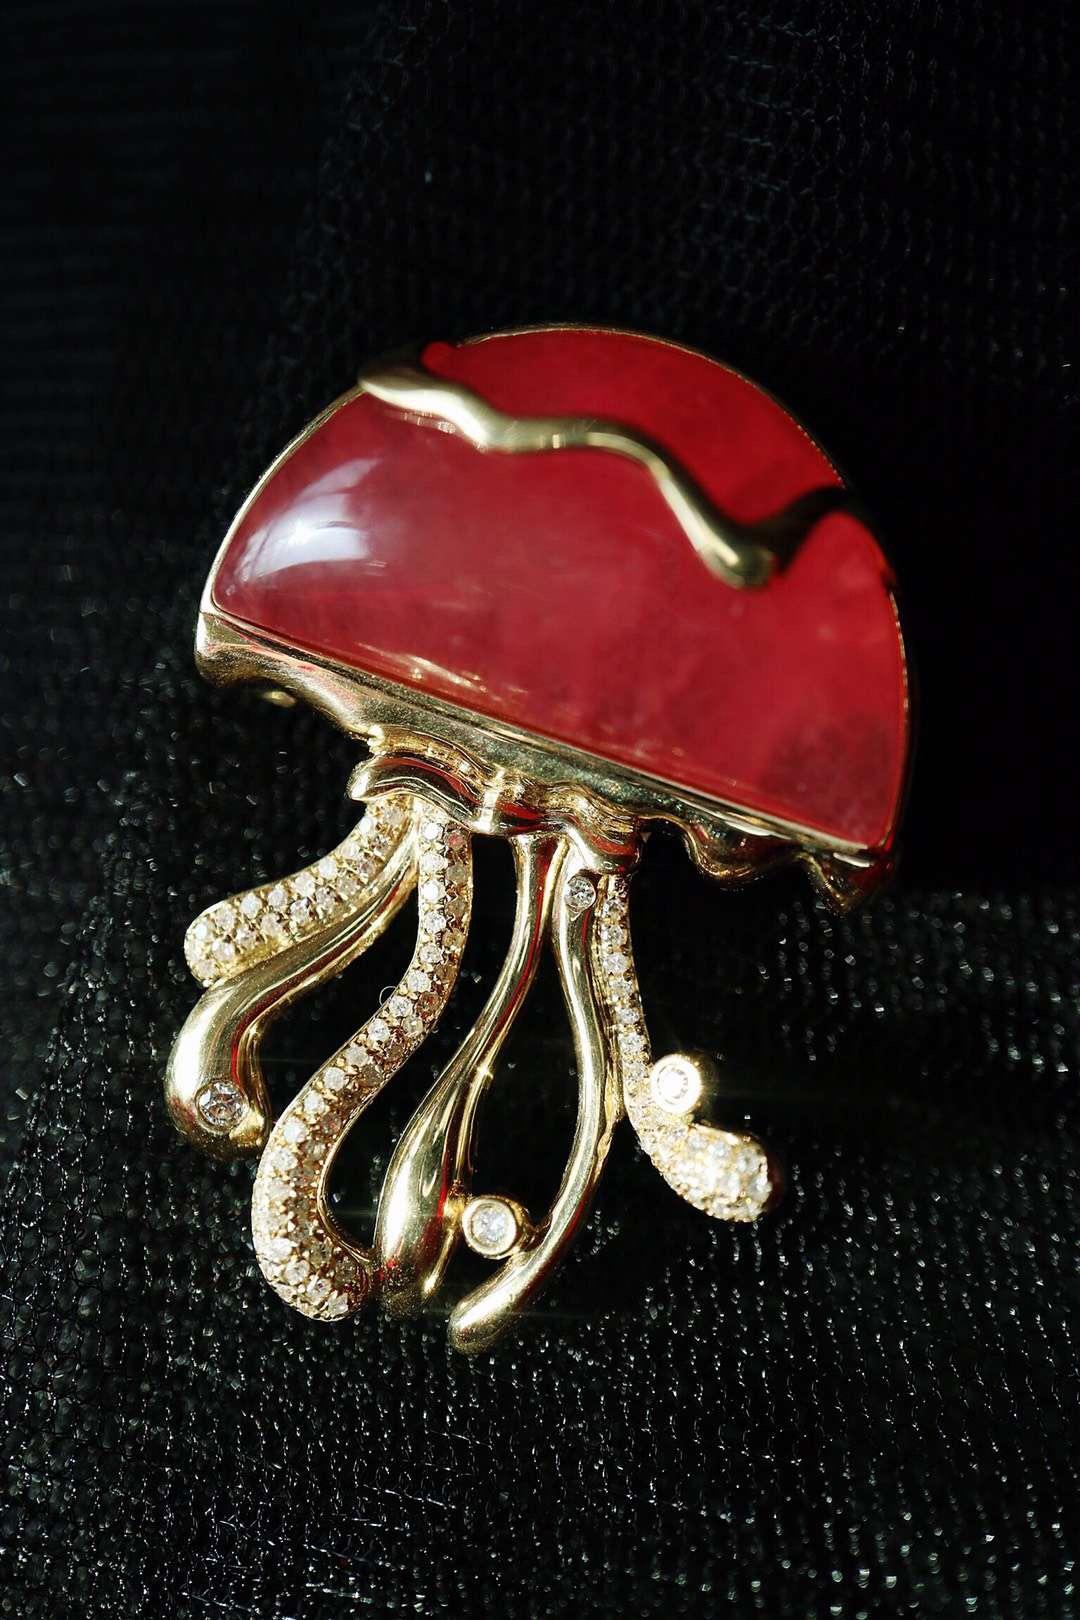 【菩心-红纹石】这一枚红纹石,胸针吊坠两用,很合适很合适。-菩心晶舍